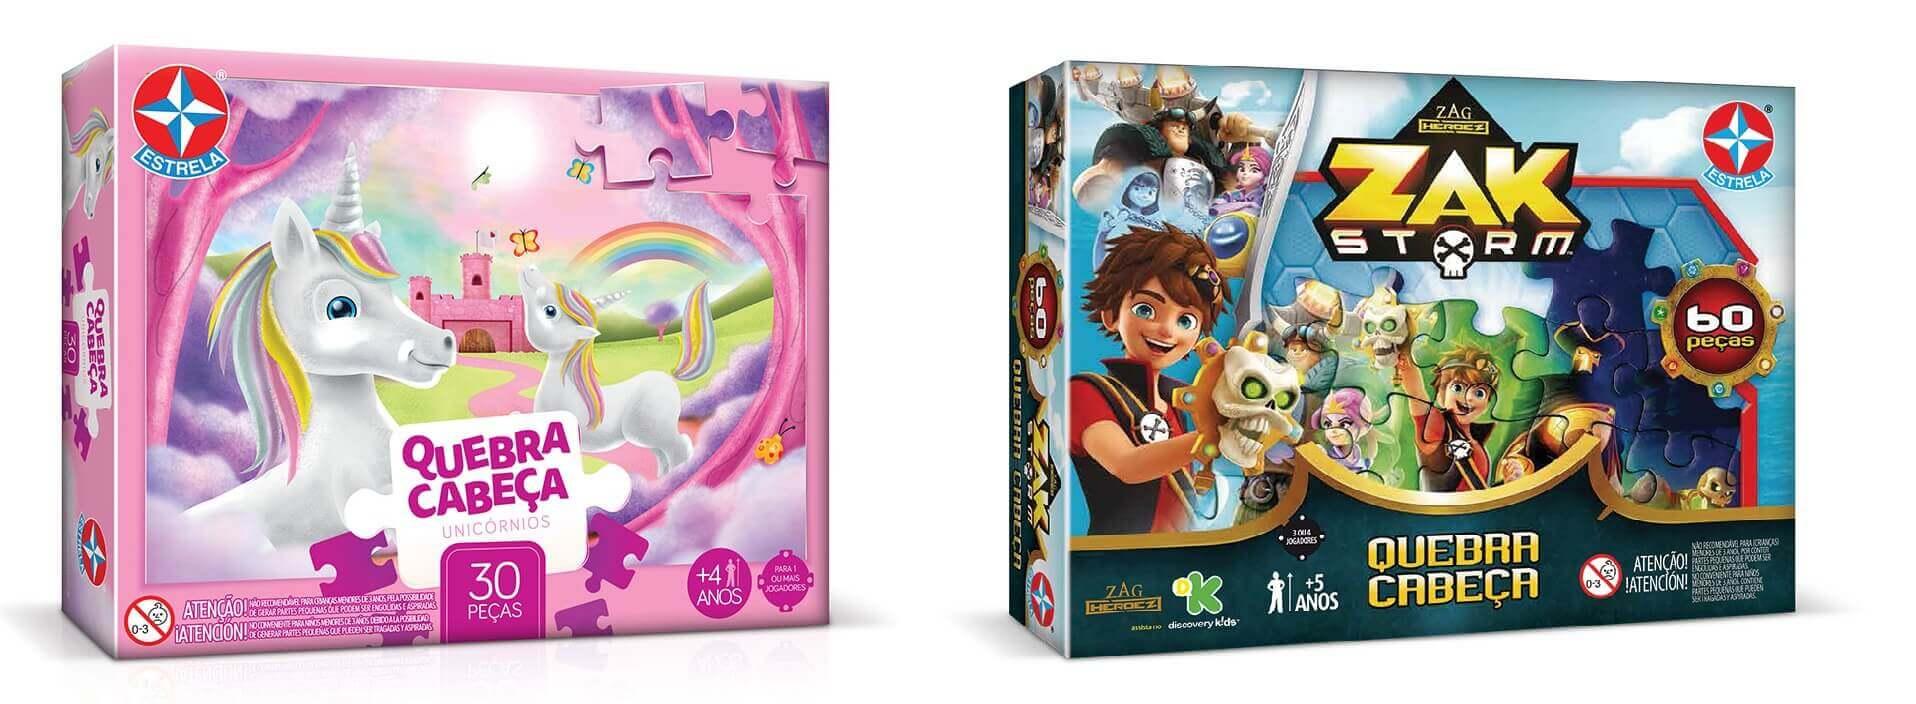 Embalagem Quebra-Cabeça Unicornios e Embalagem Quebra-Cabeça Zak Storm da Estrela